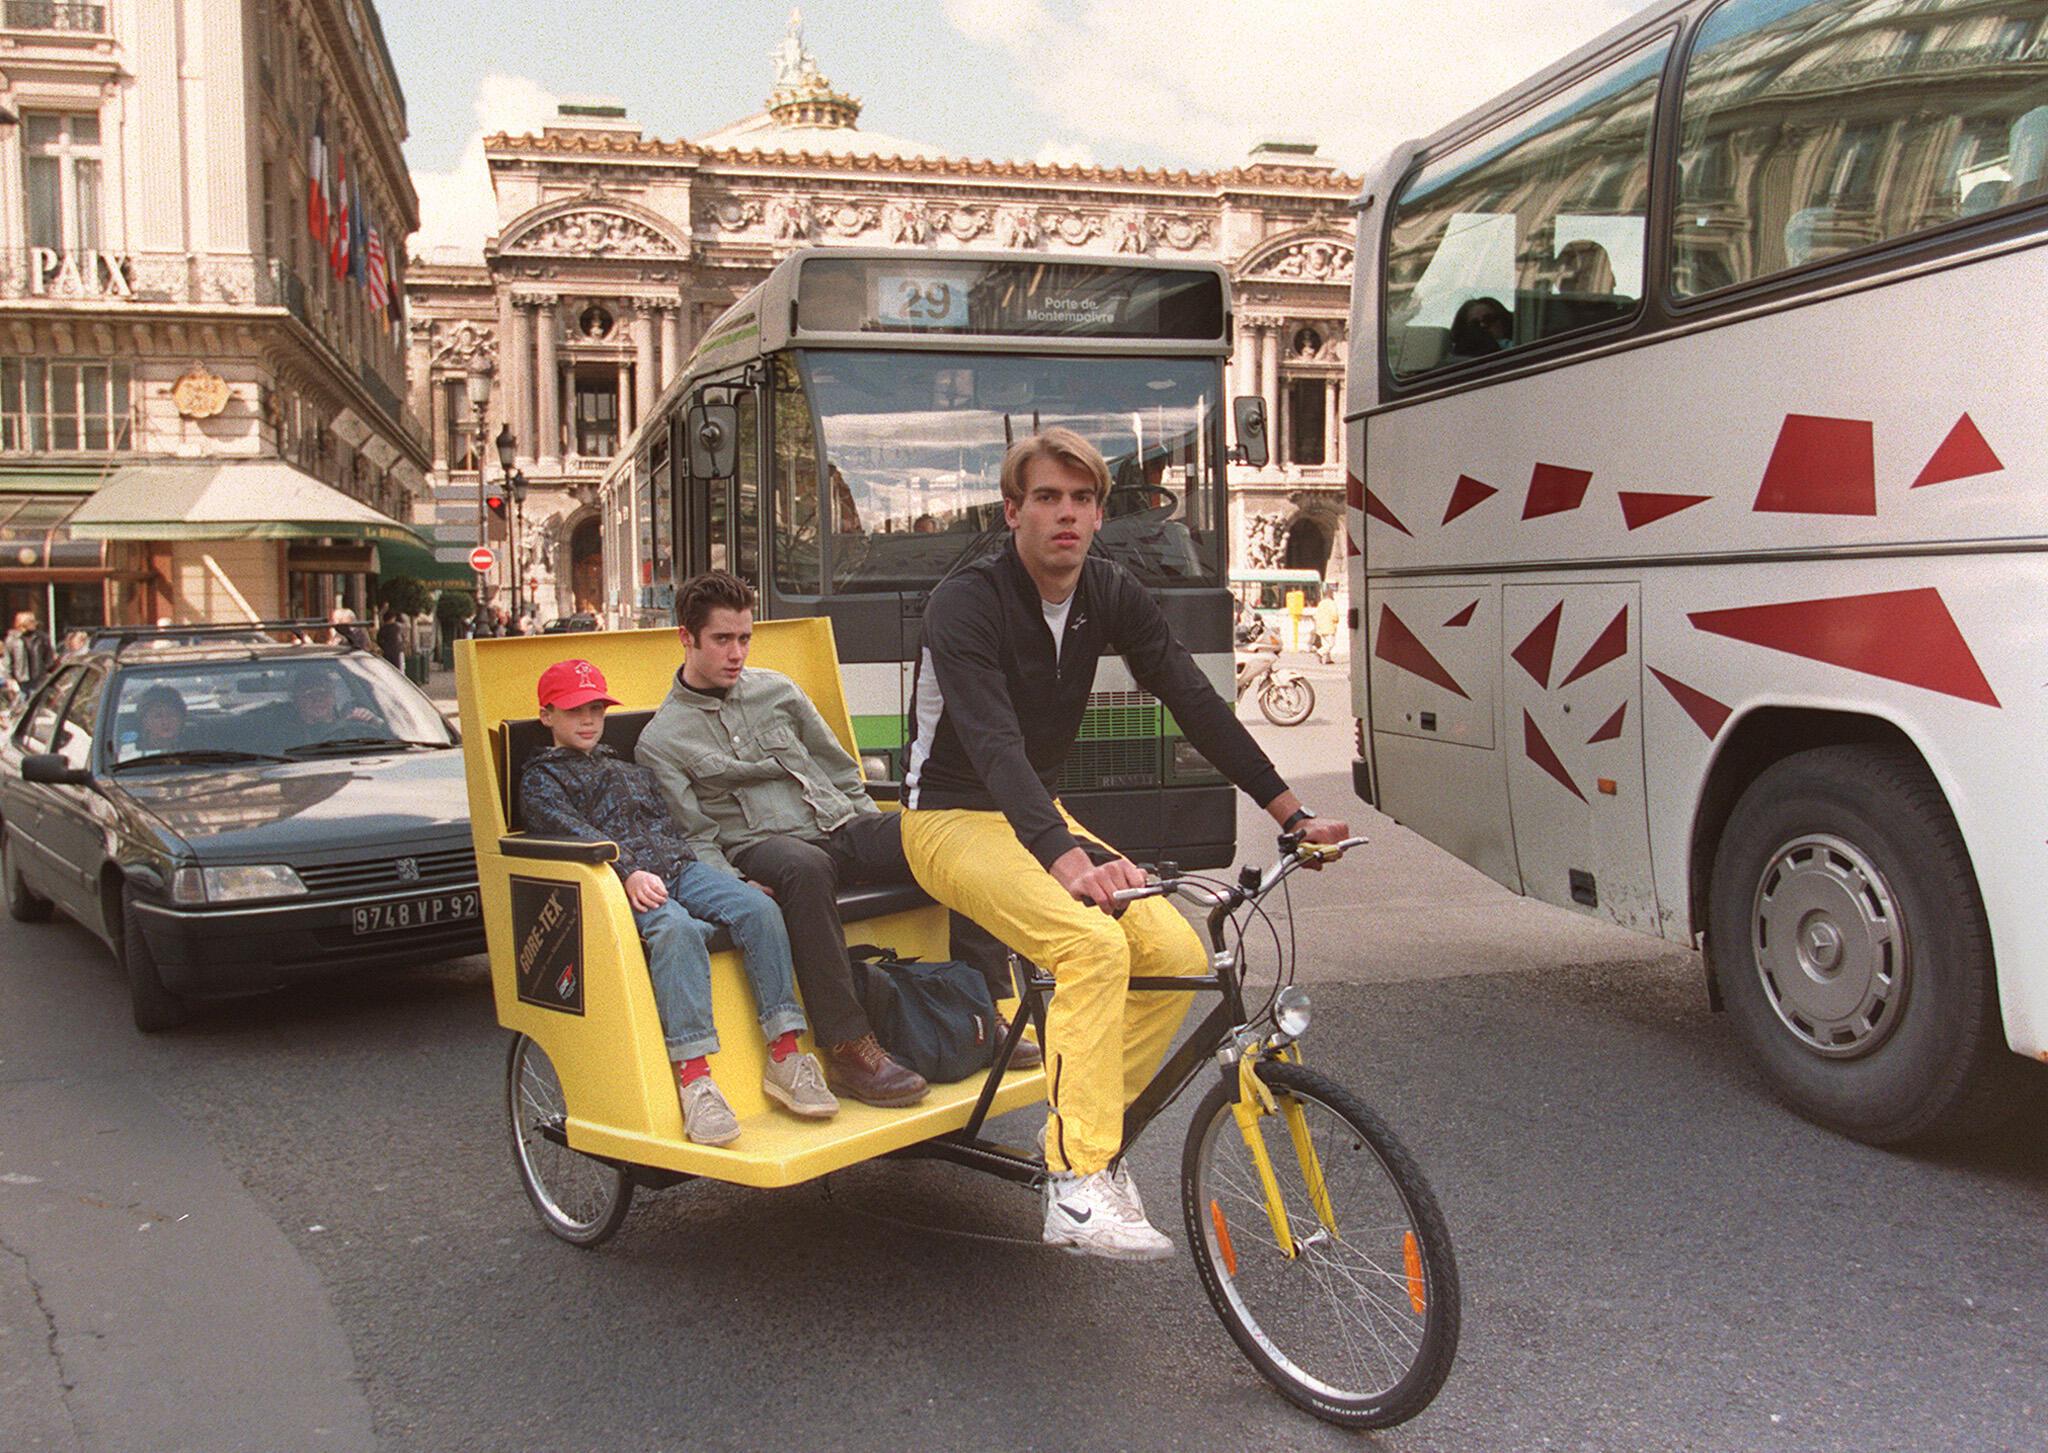 Déjà en 1999, Paris comptait de nombreux vélos-taxis.